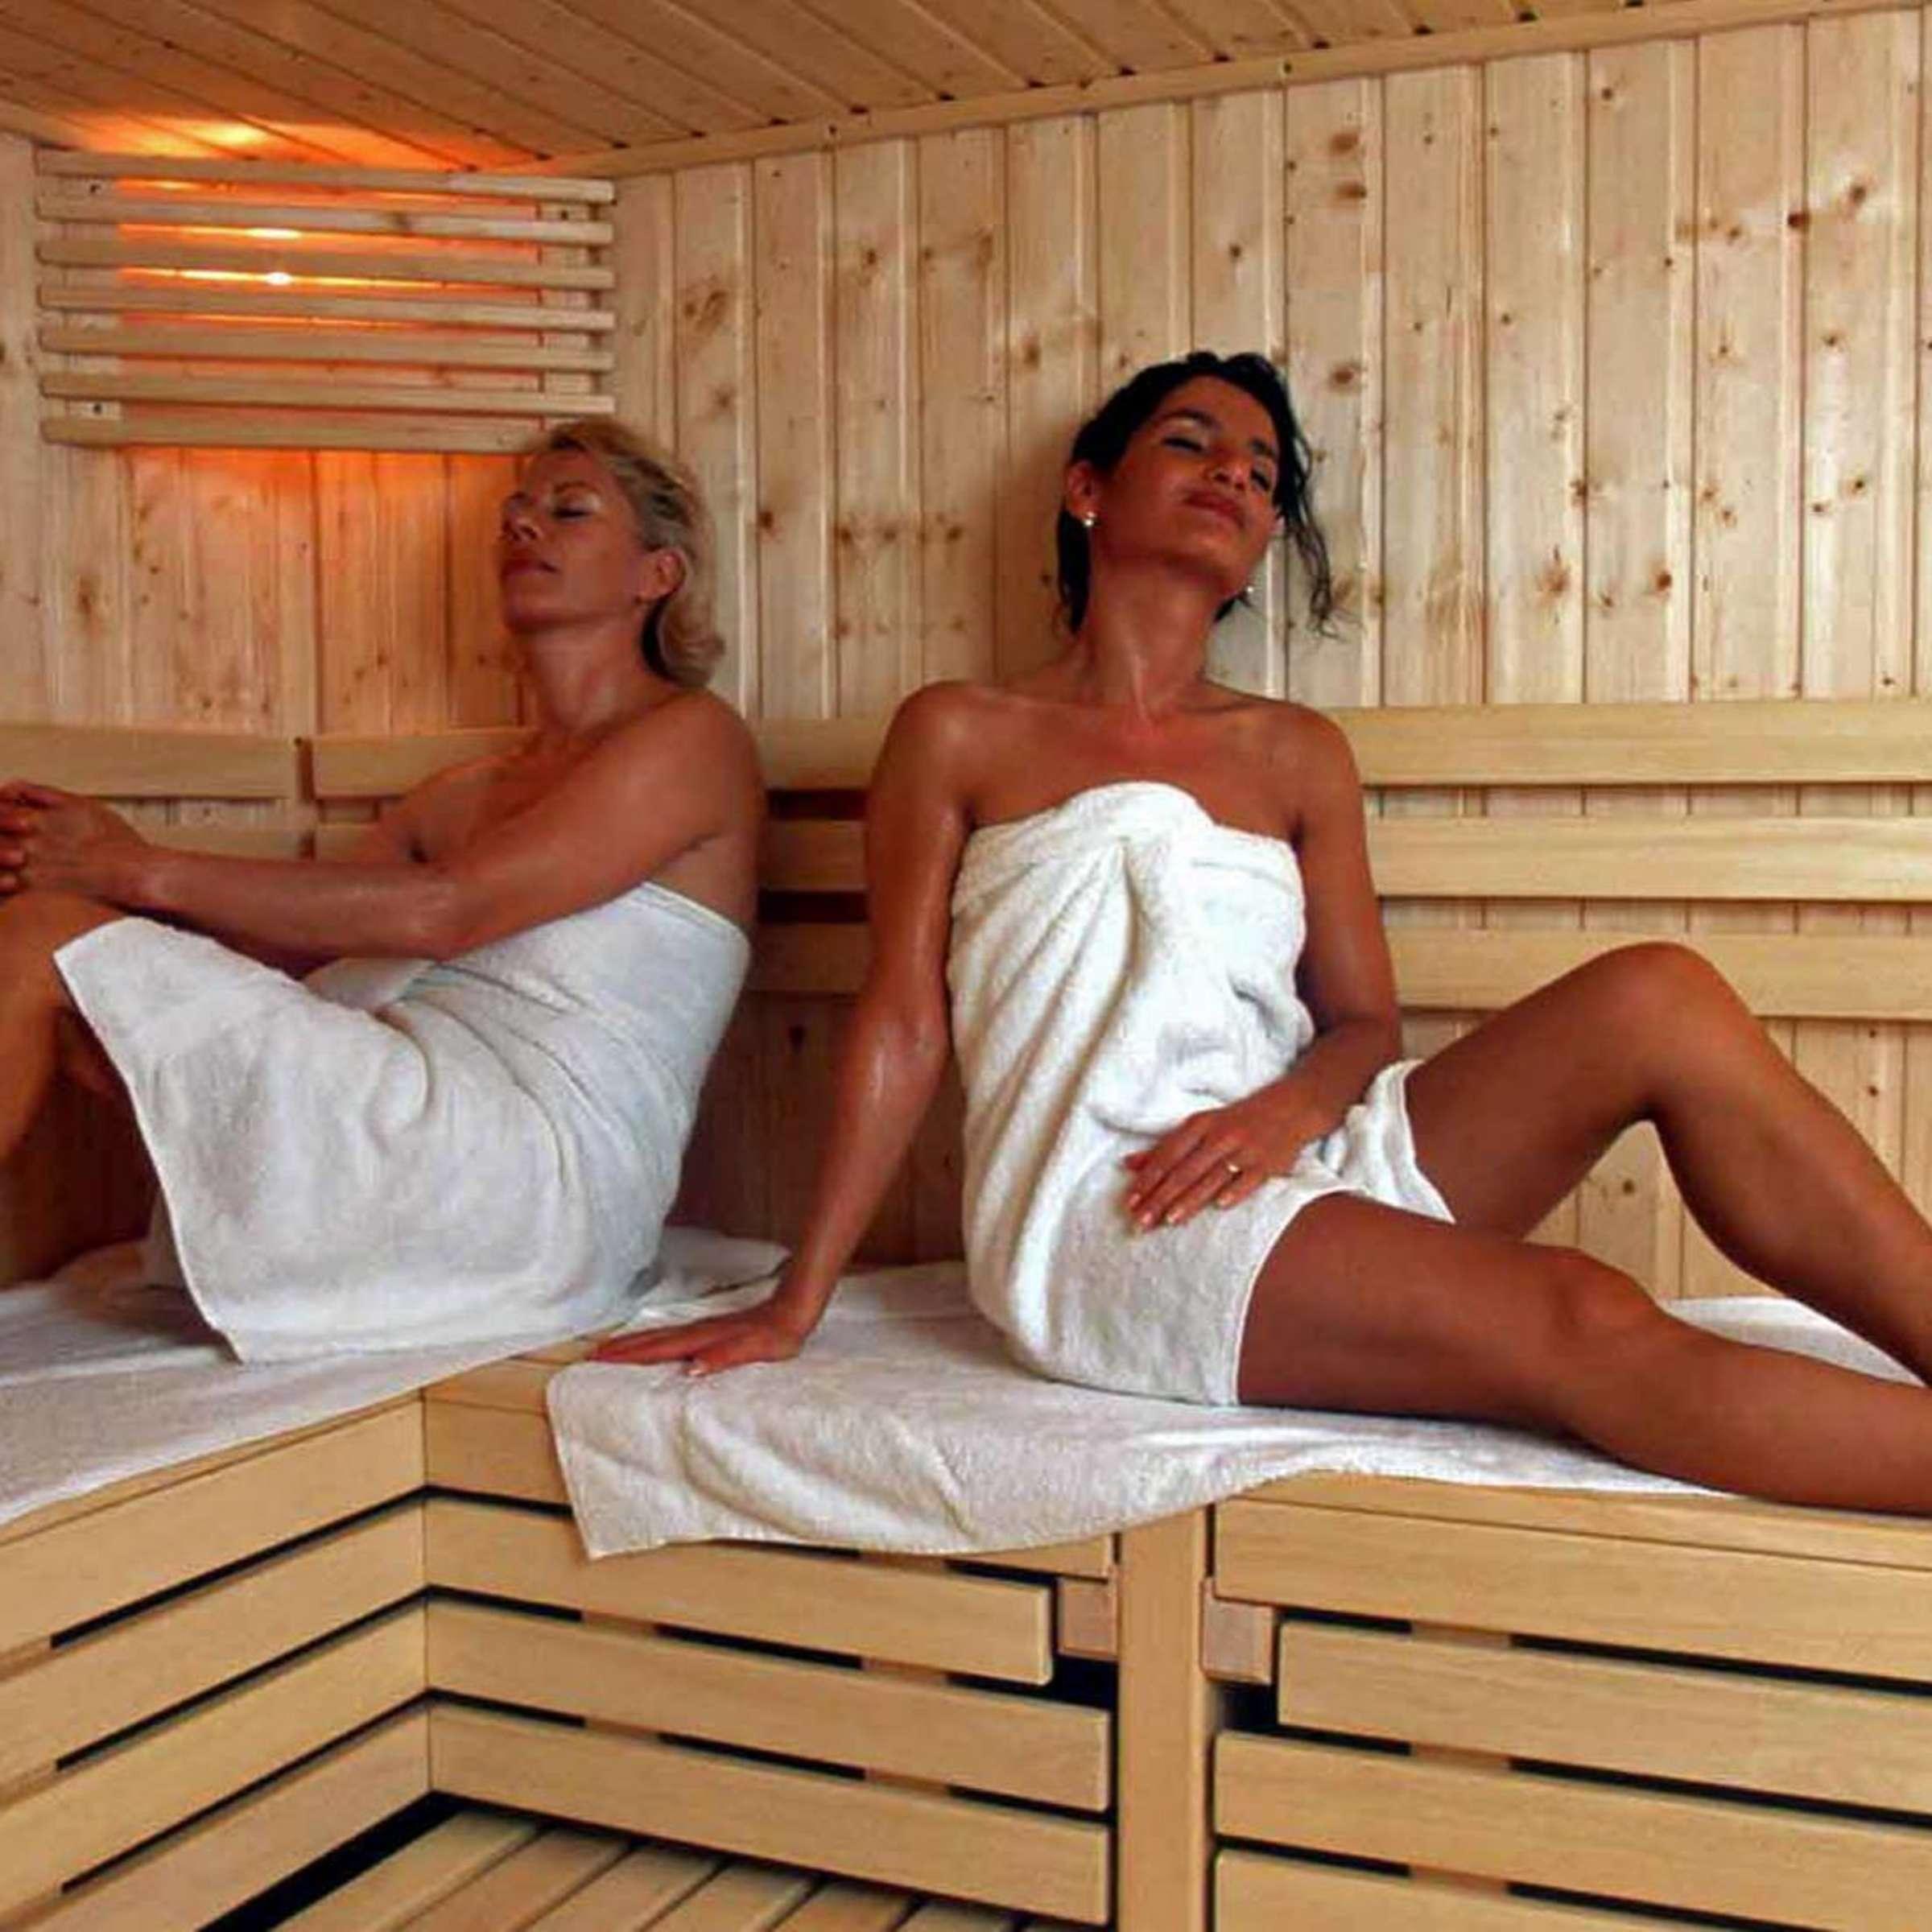 Nackt sauna Sauna sex